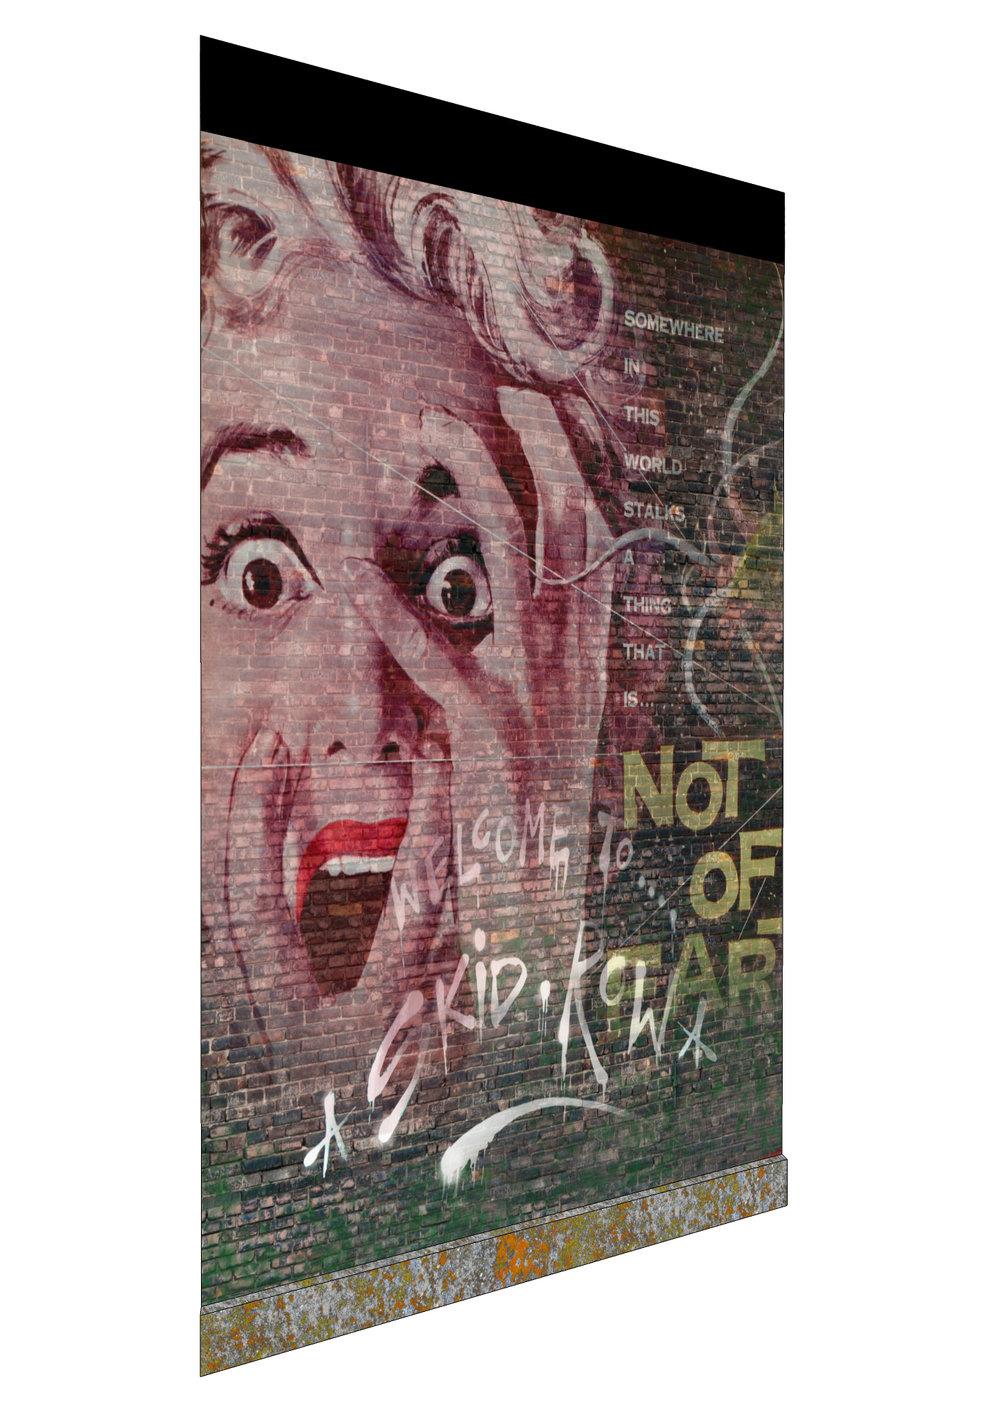 LSOH FINAL Mural Wall Design.jpg